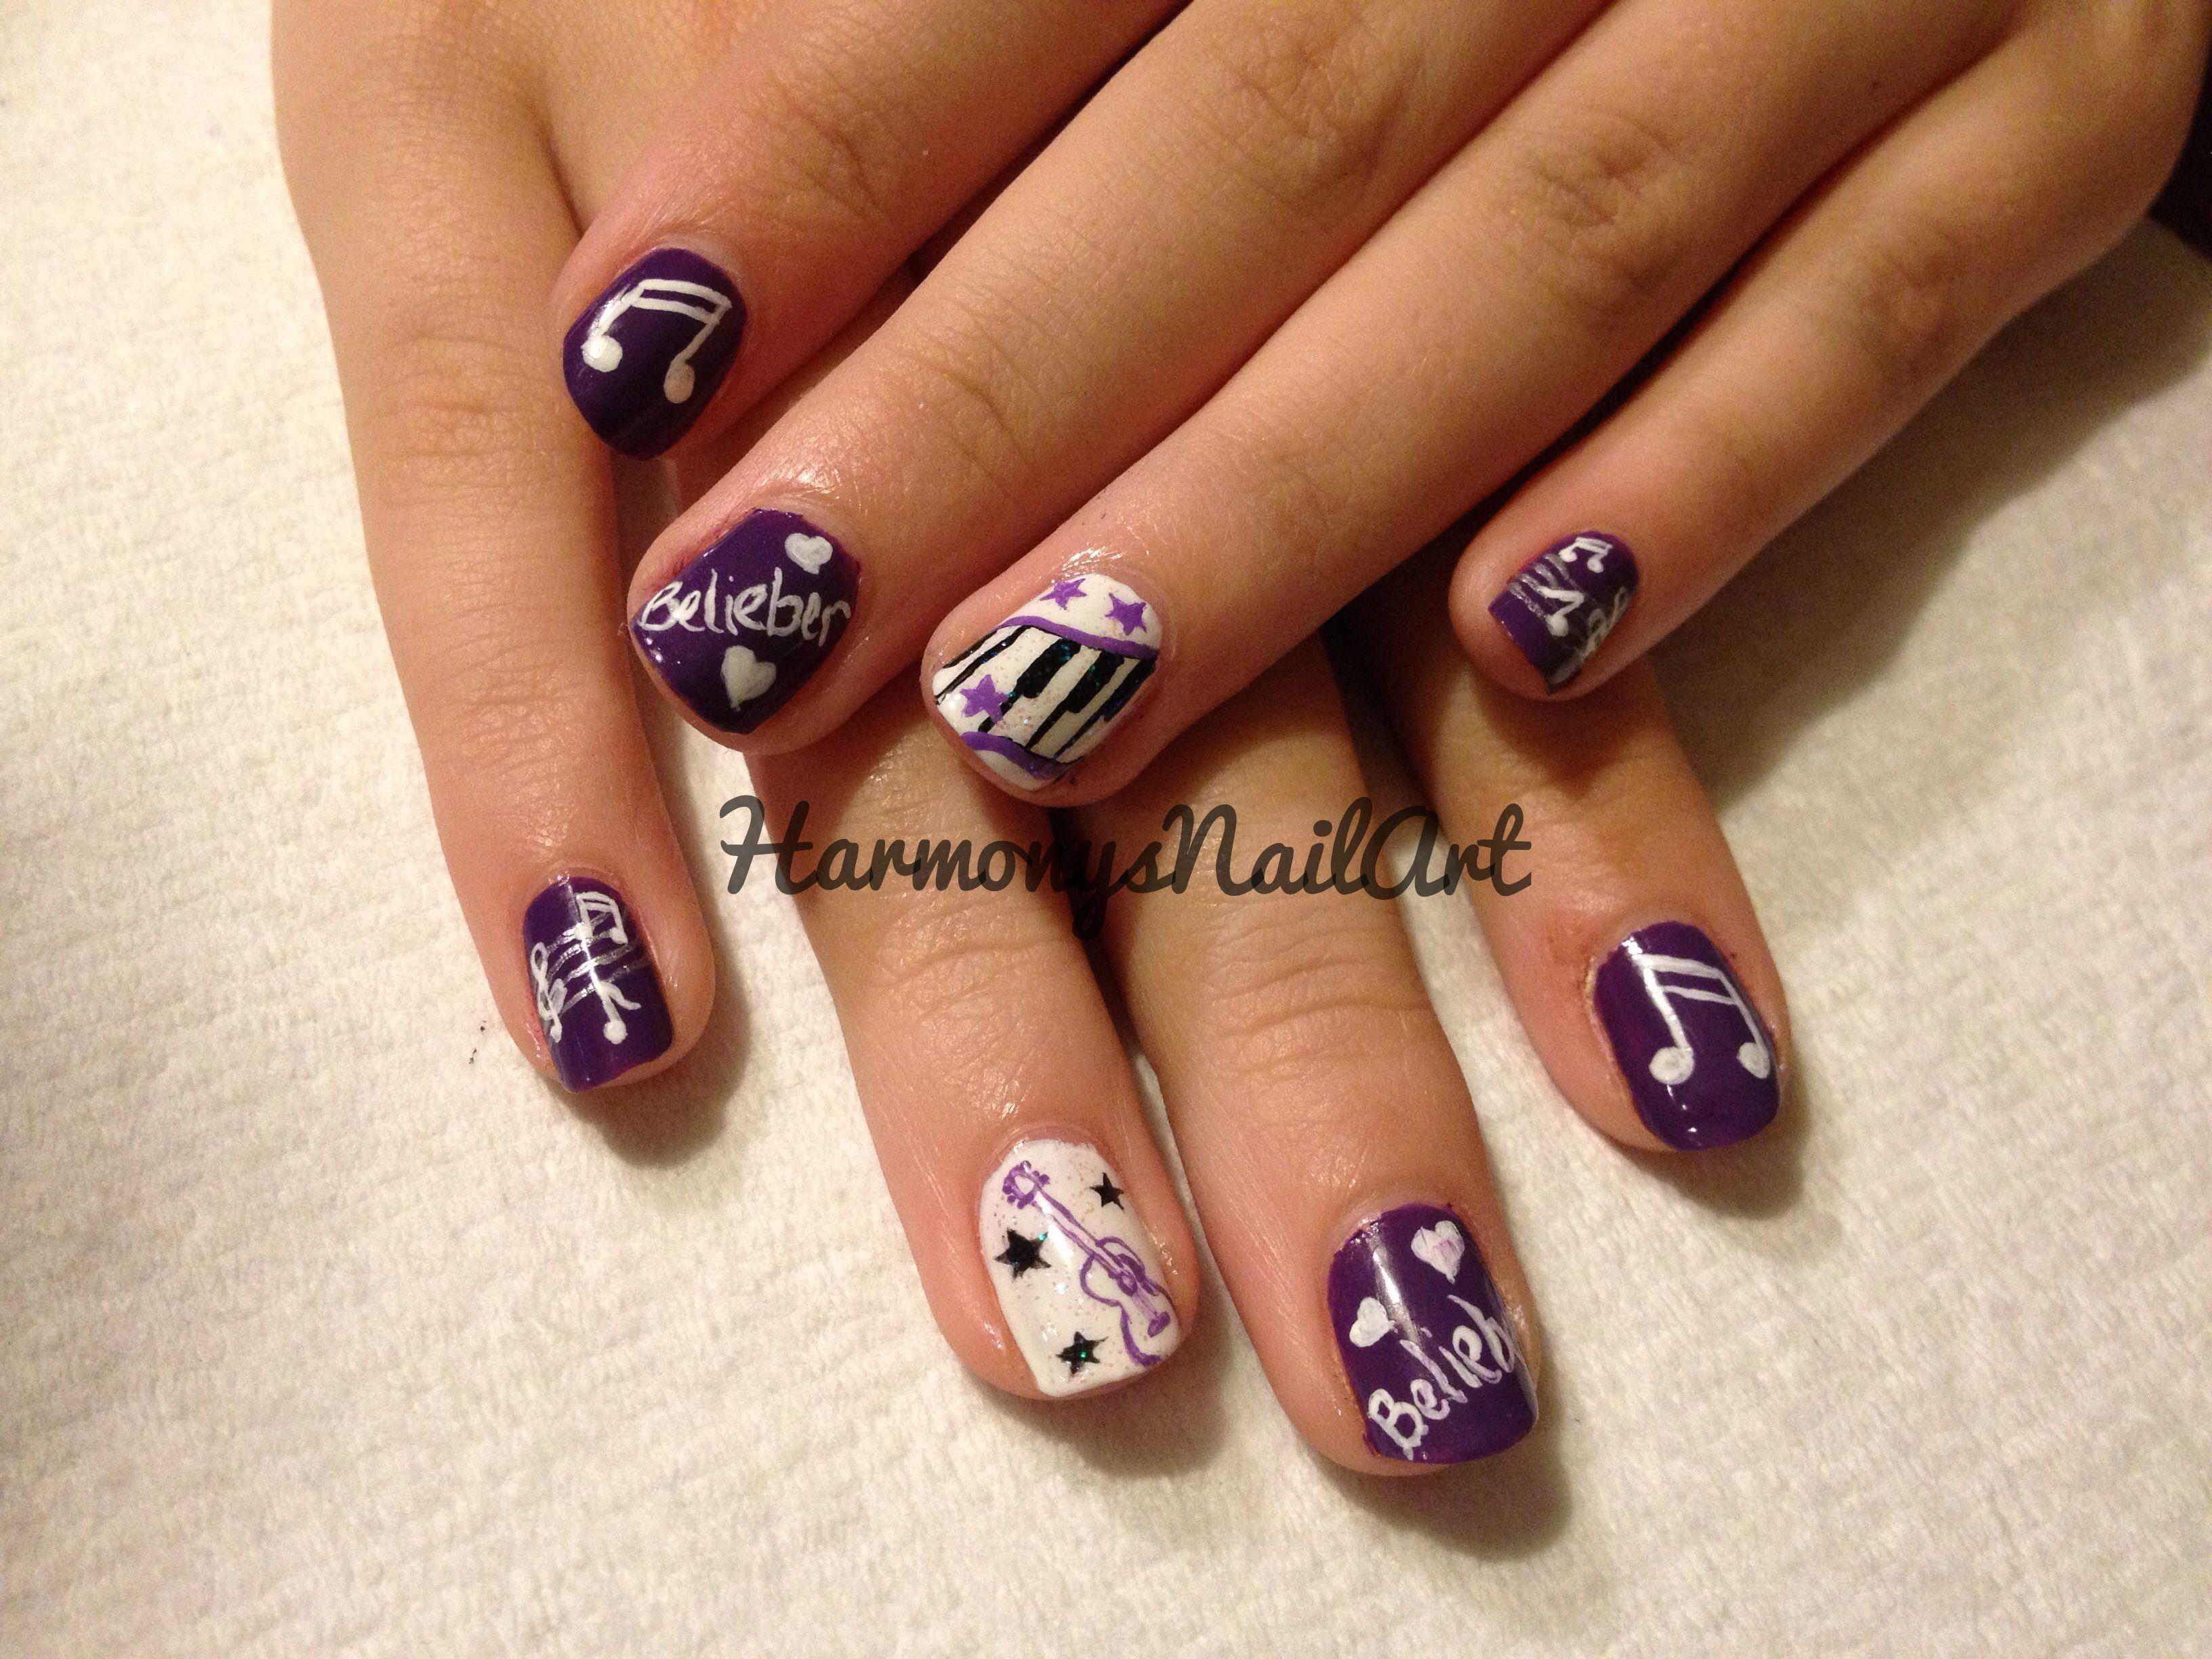 Justin Bieber Nails (kids nails)   NailArt   Pinterest   Kid nails ...